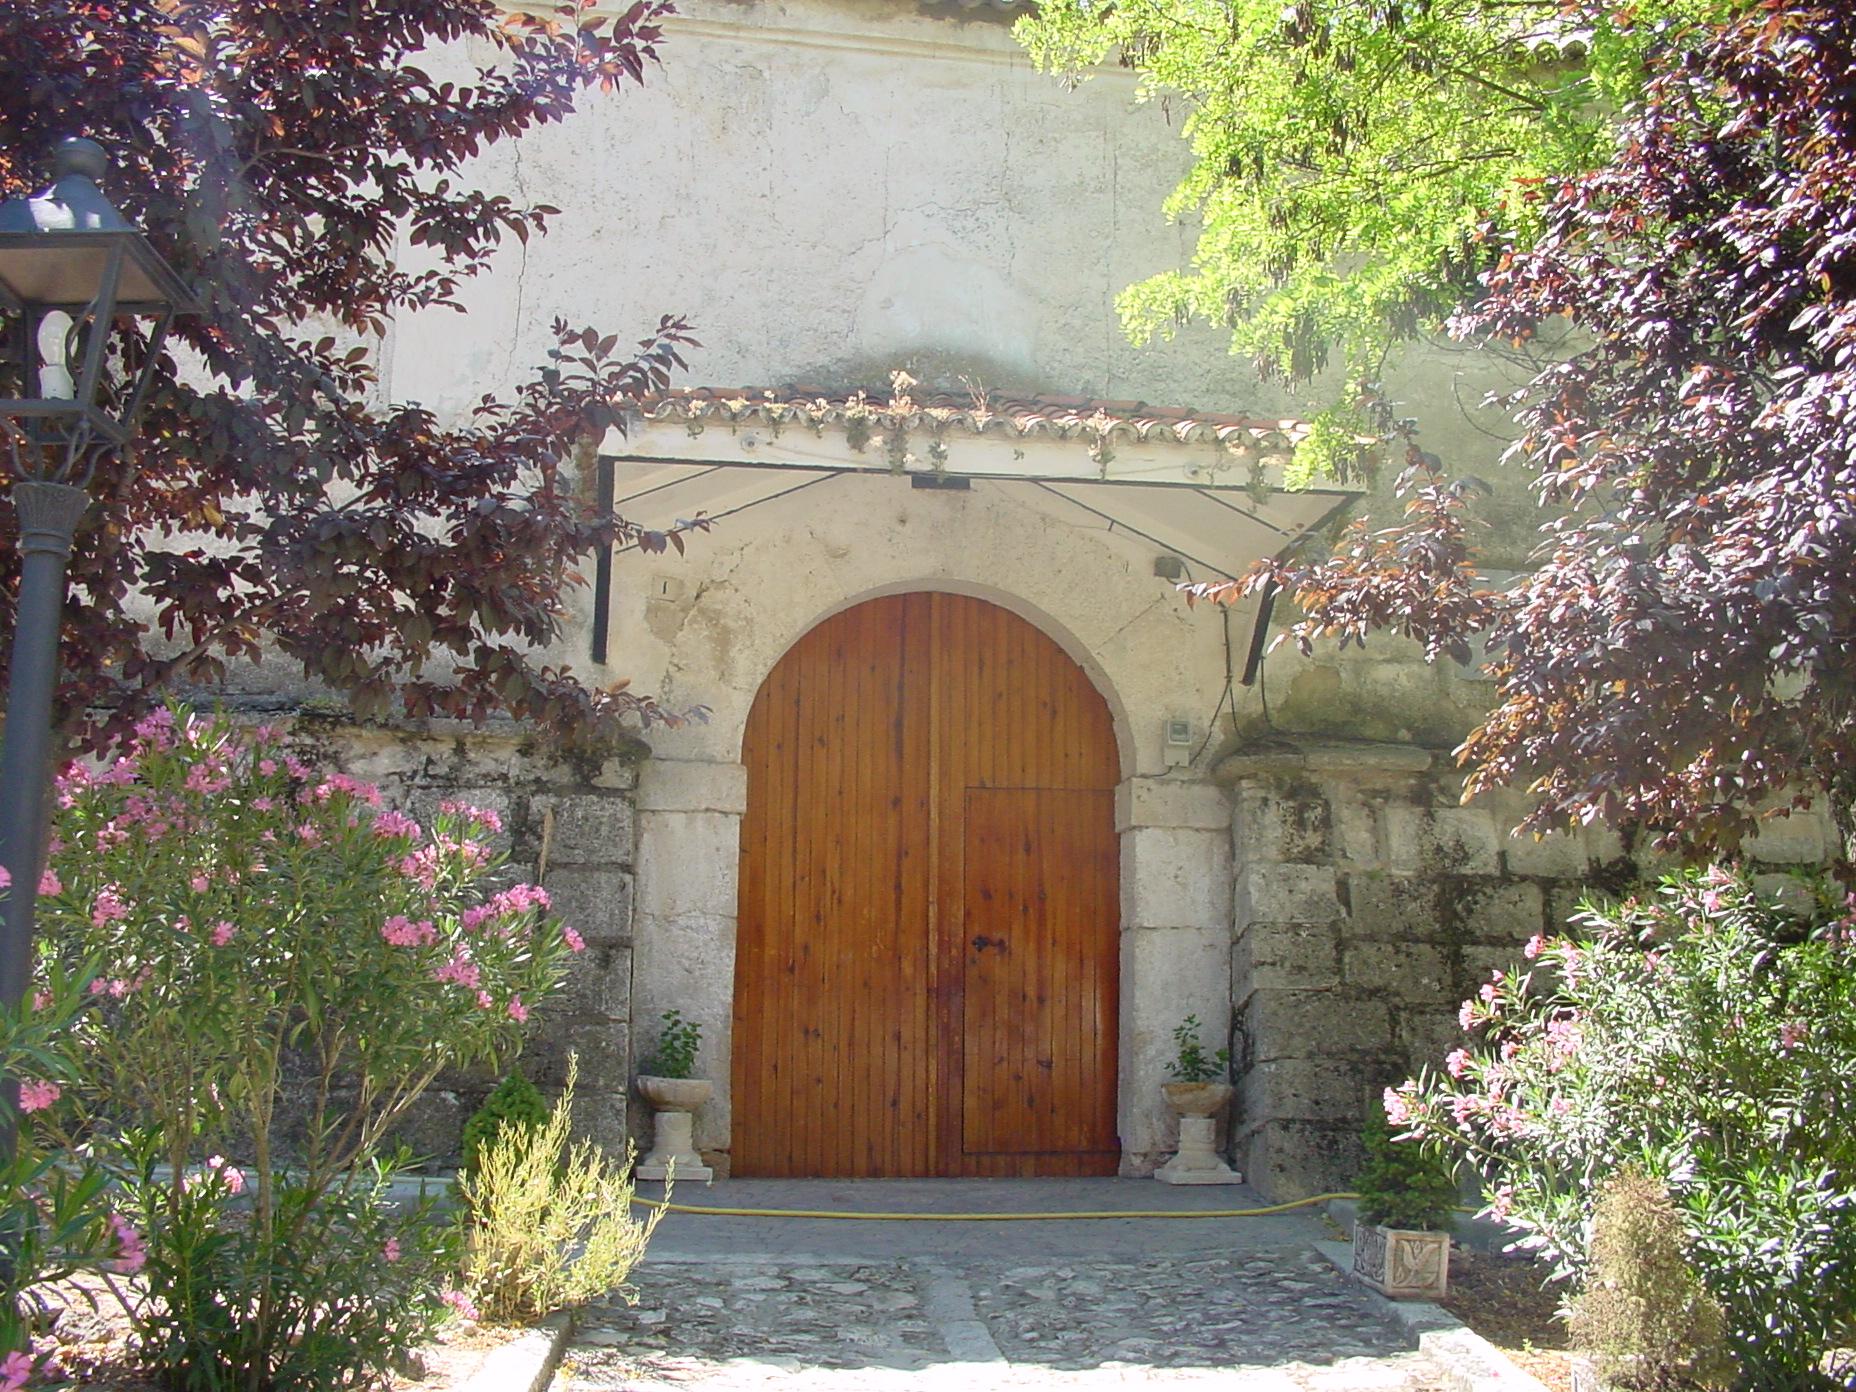 Puerta de iglesia en Valverde de Alcalá